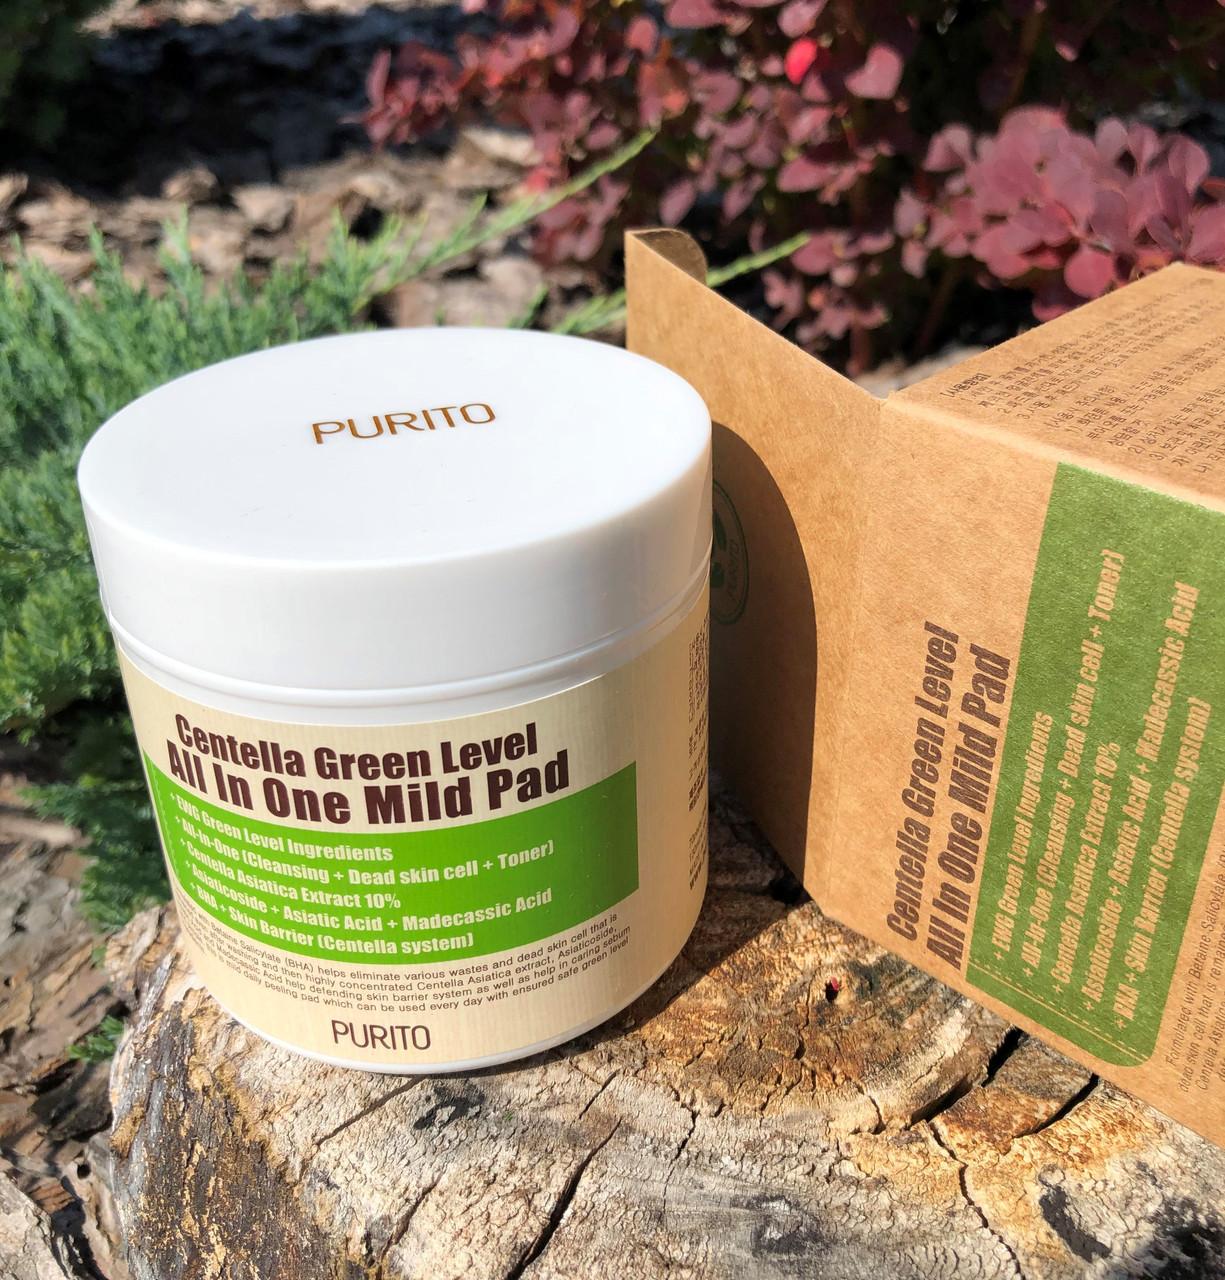 Зволожуючі педи з центеллой для очищення шкіри Purito Centella Green Level All In One Mild Pad